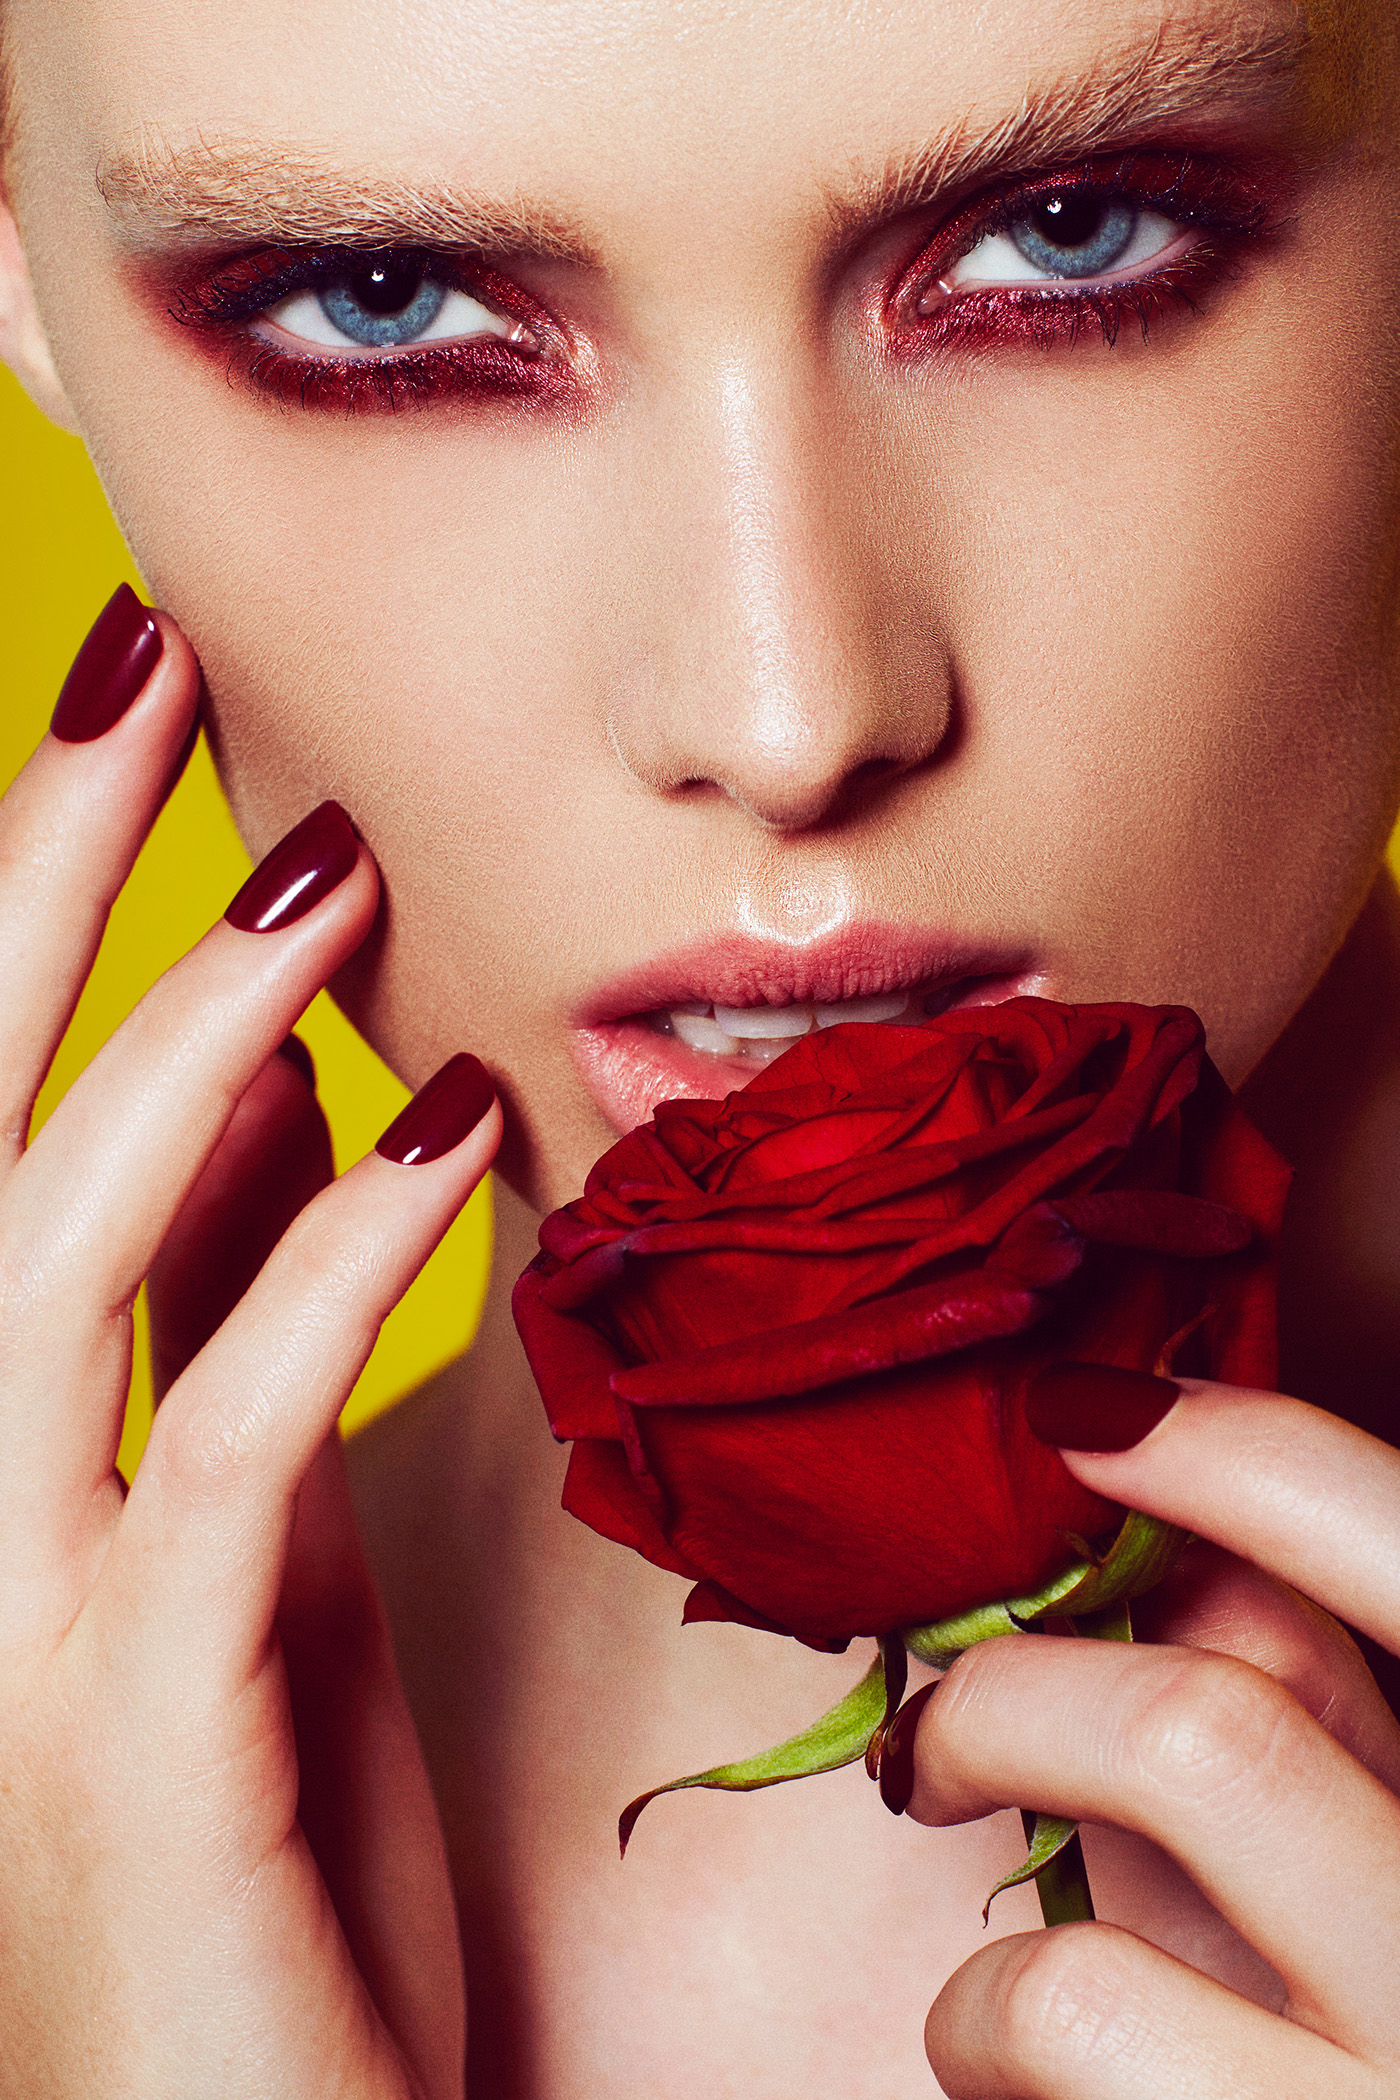 Красные розы красные губы / The Beauty Retoucher